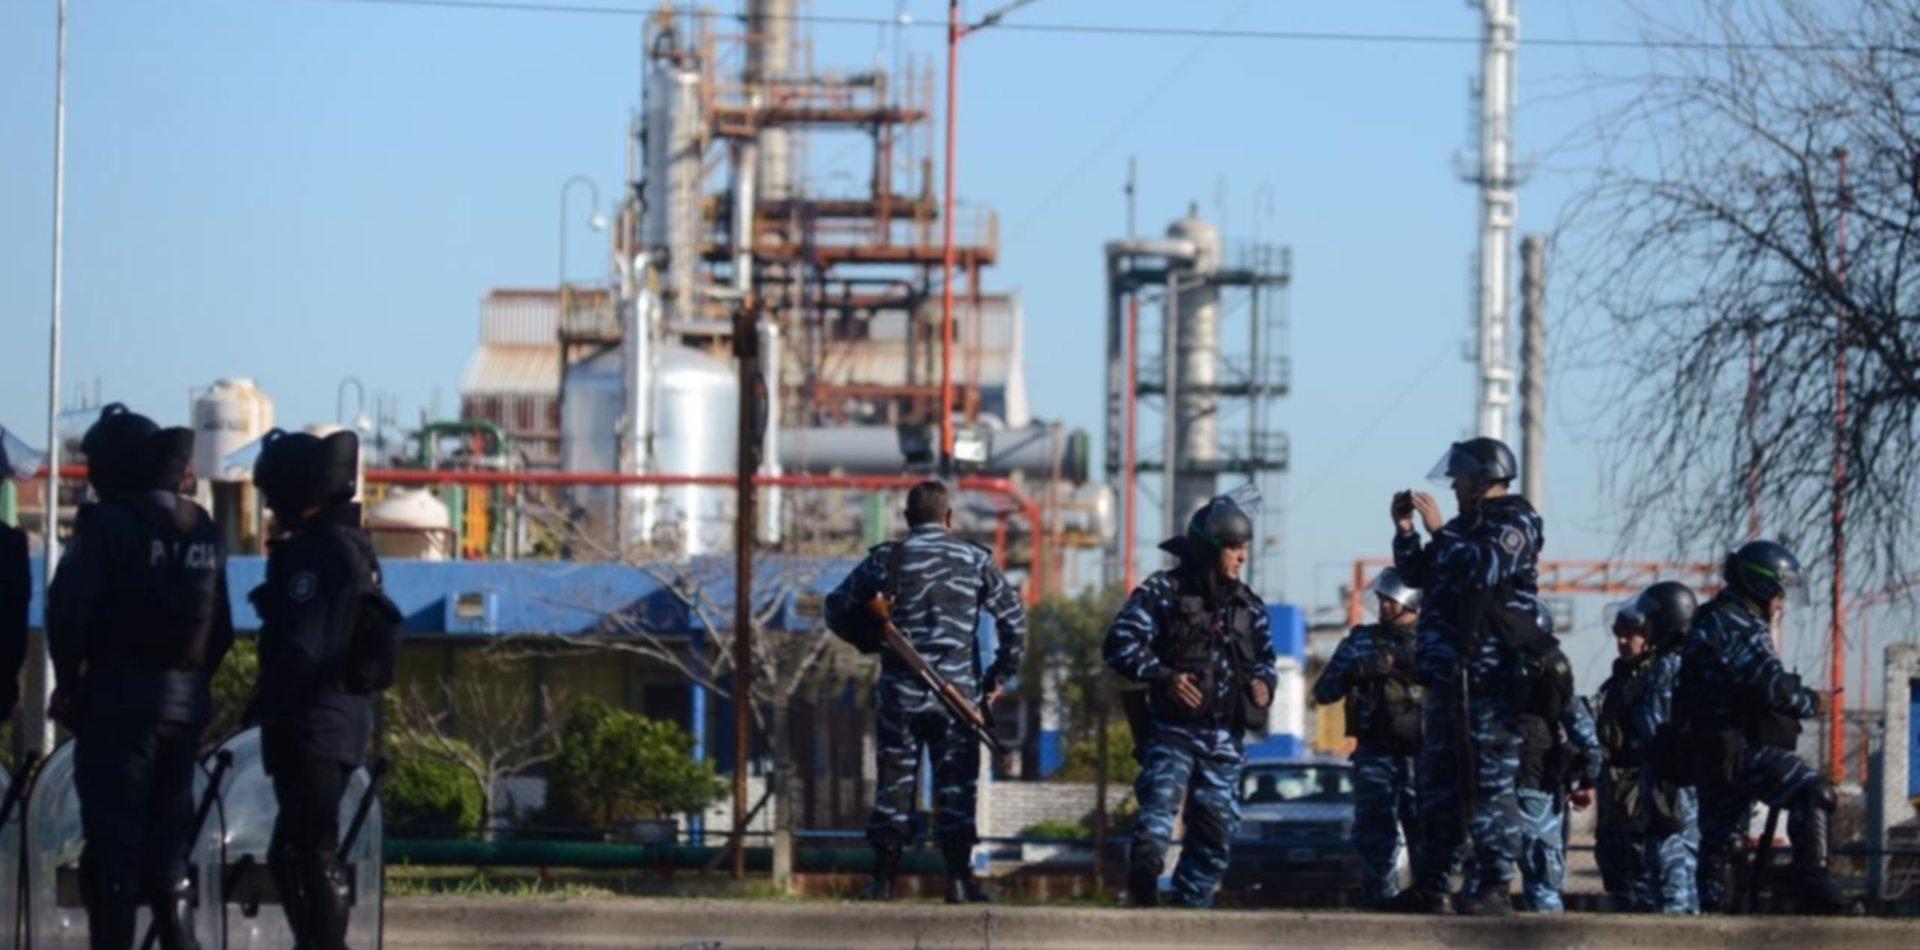 Trabajadores de la UOCRA se enfrentaron otra vez con la Policía en las puertas de YPF